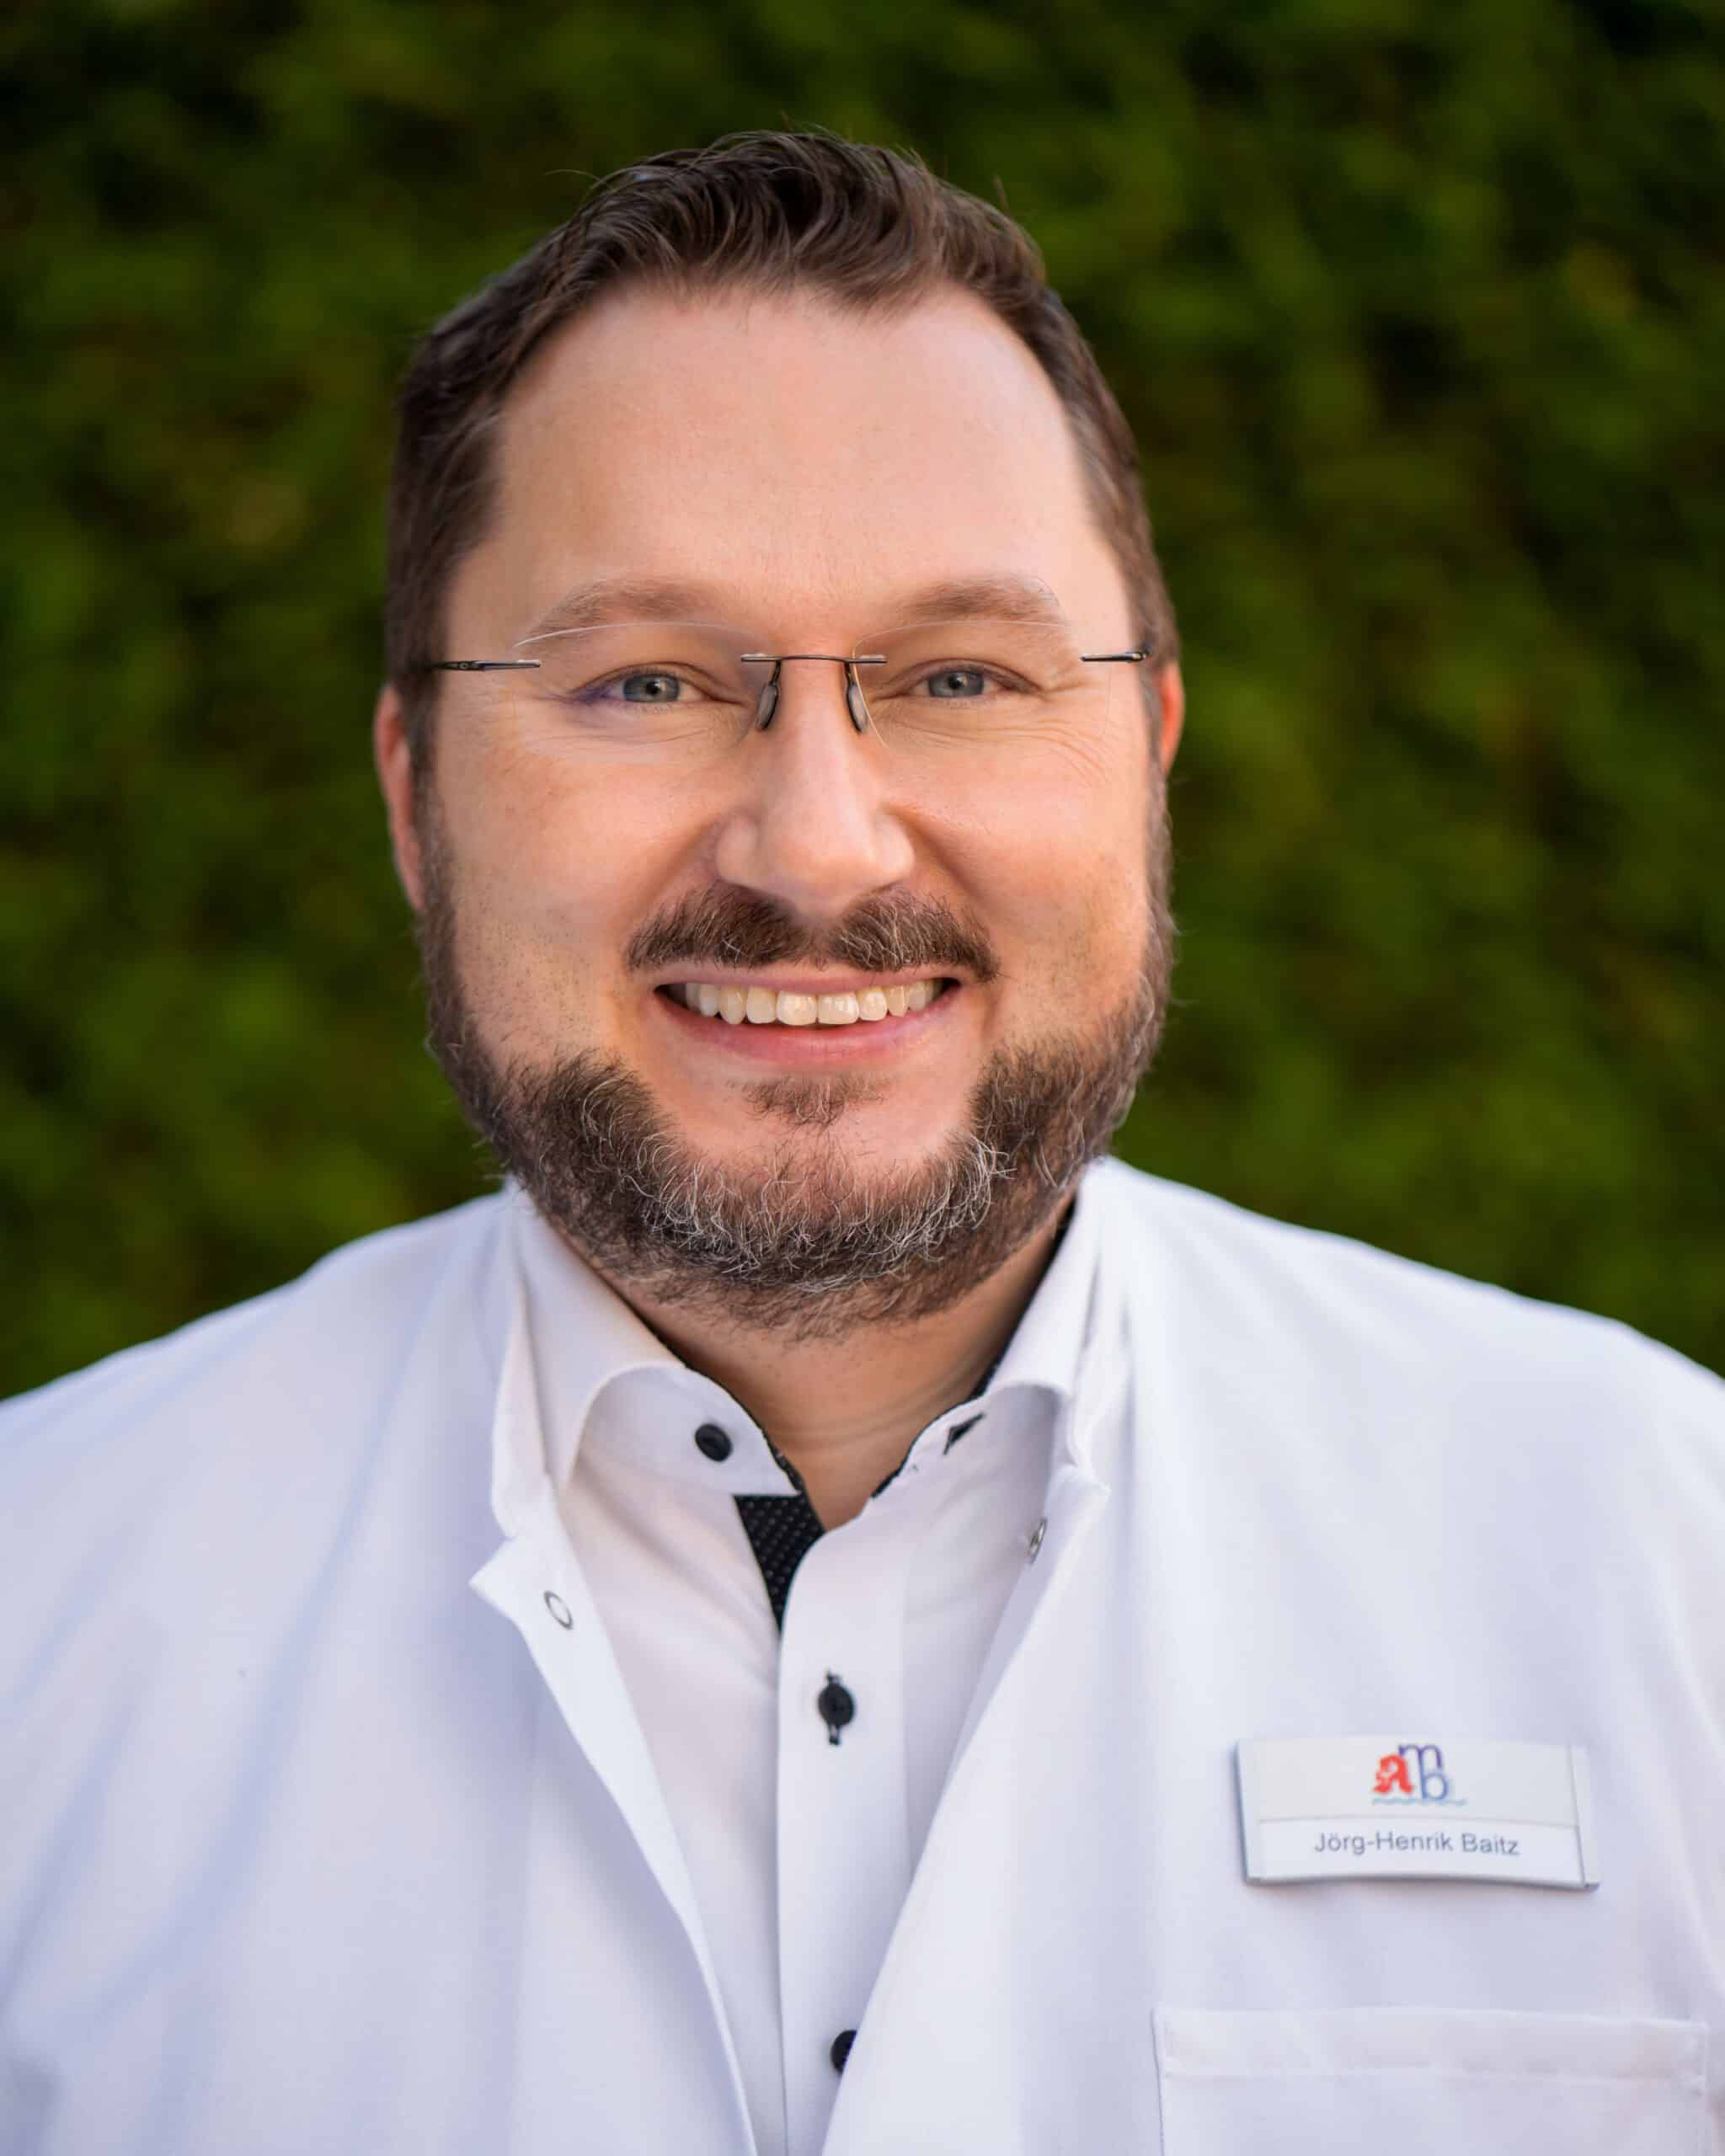 Herr Jörg-Henrik Baitz (Apotheker)